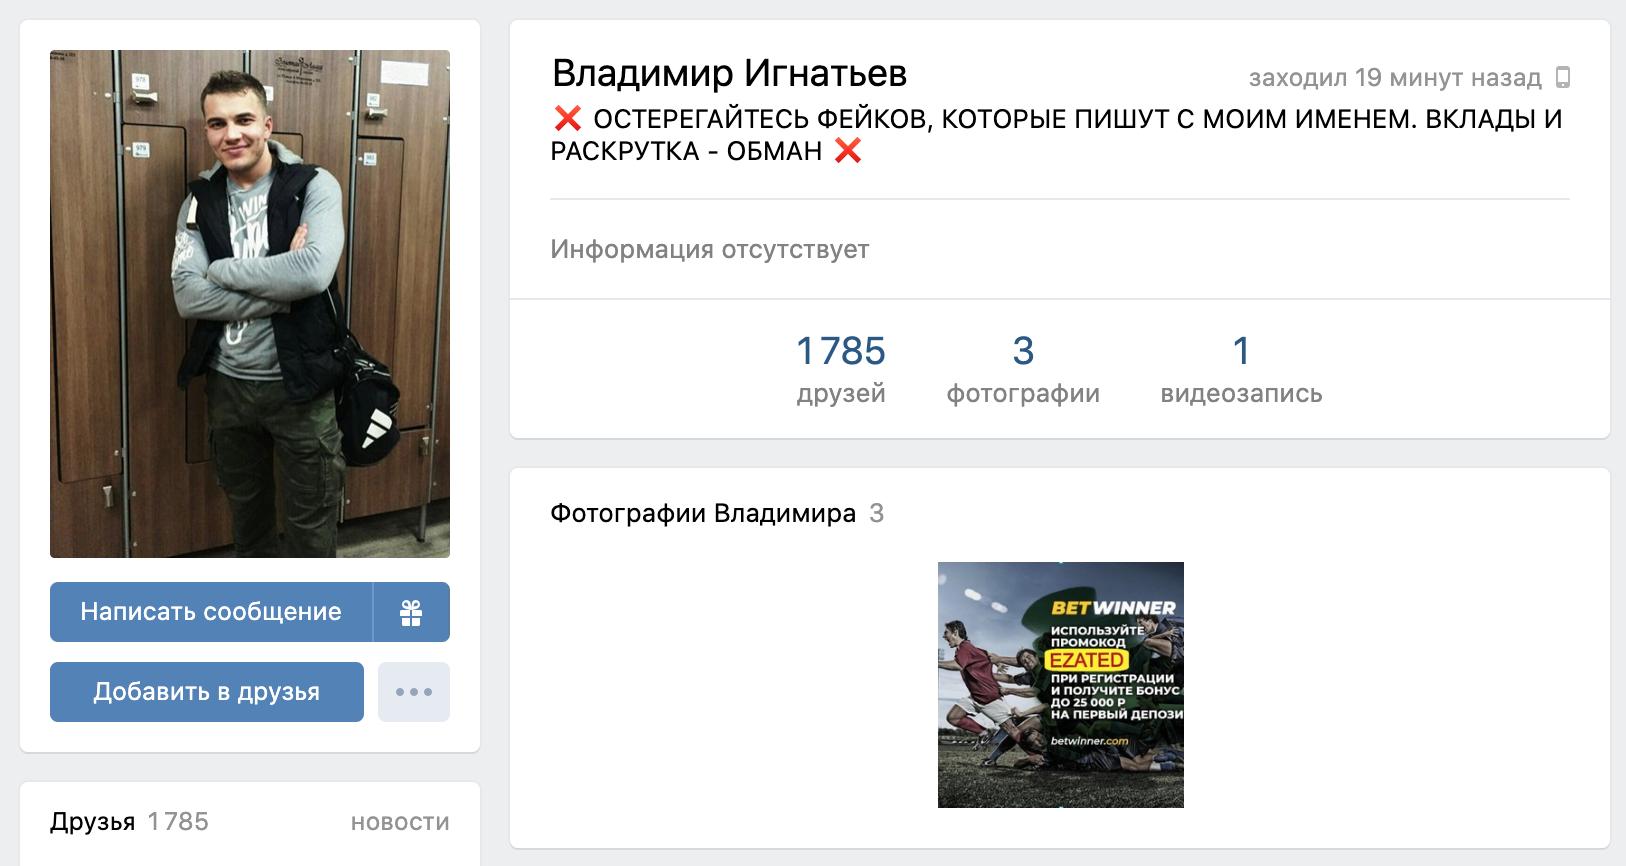 Личная страница Владимира Игнатьева